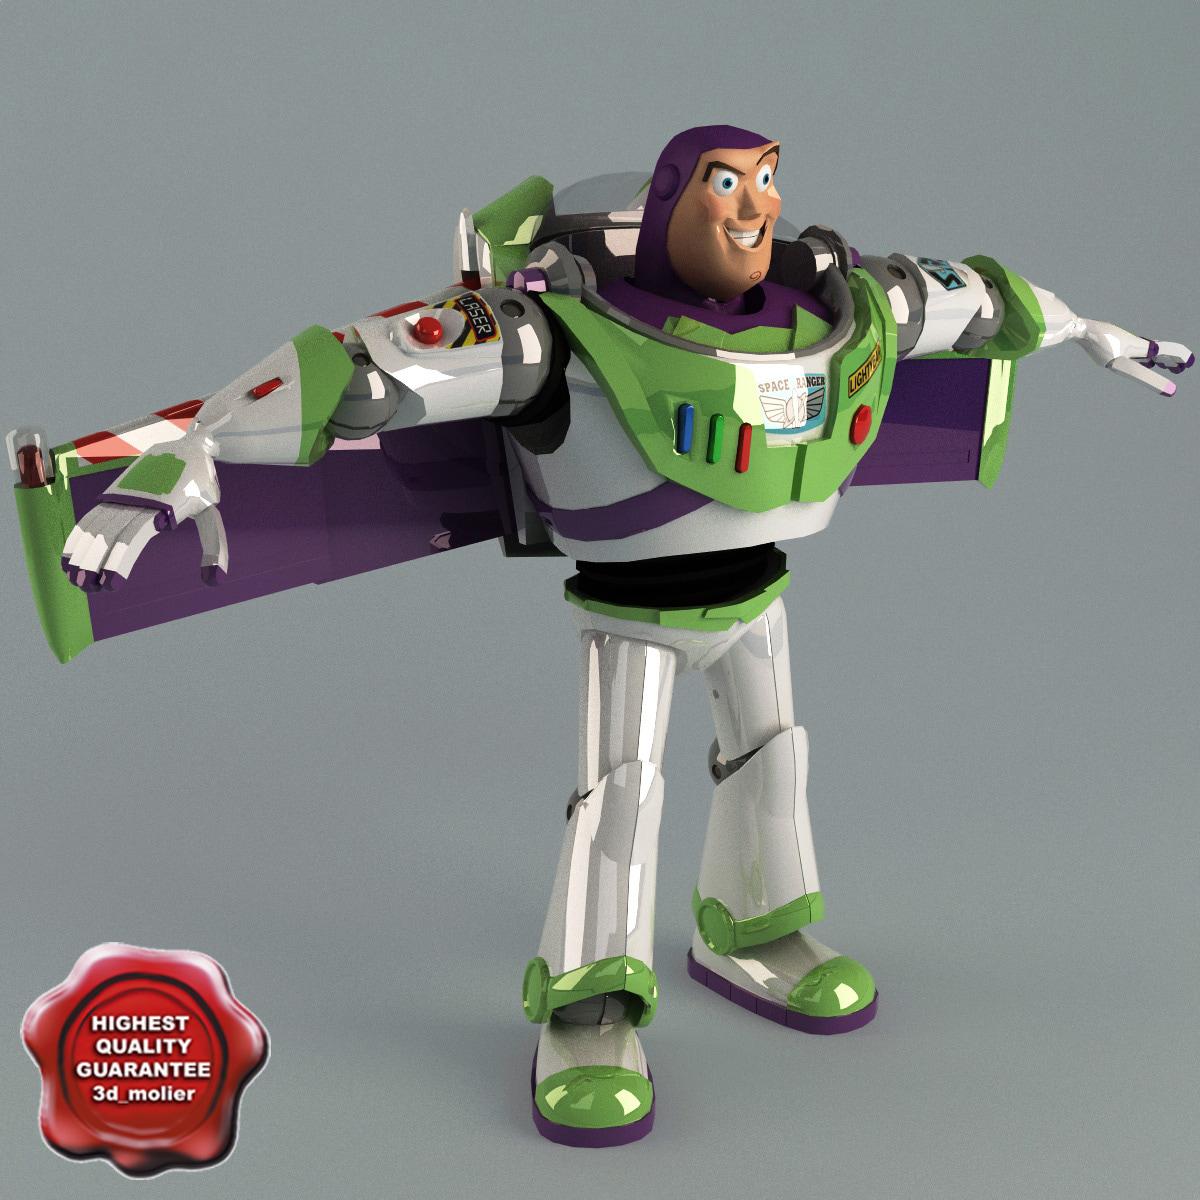 Buzz_Lightyear_Static_00.jpg